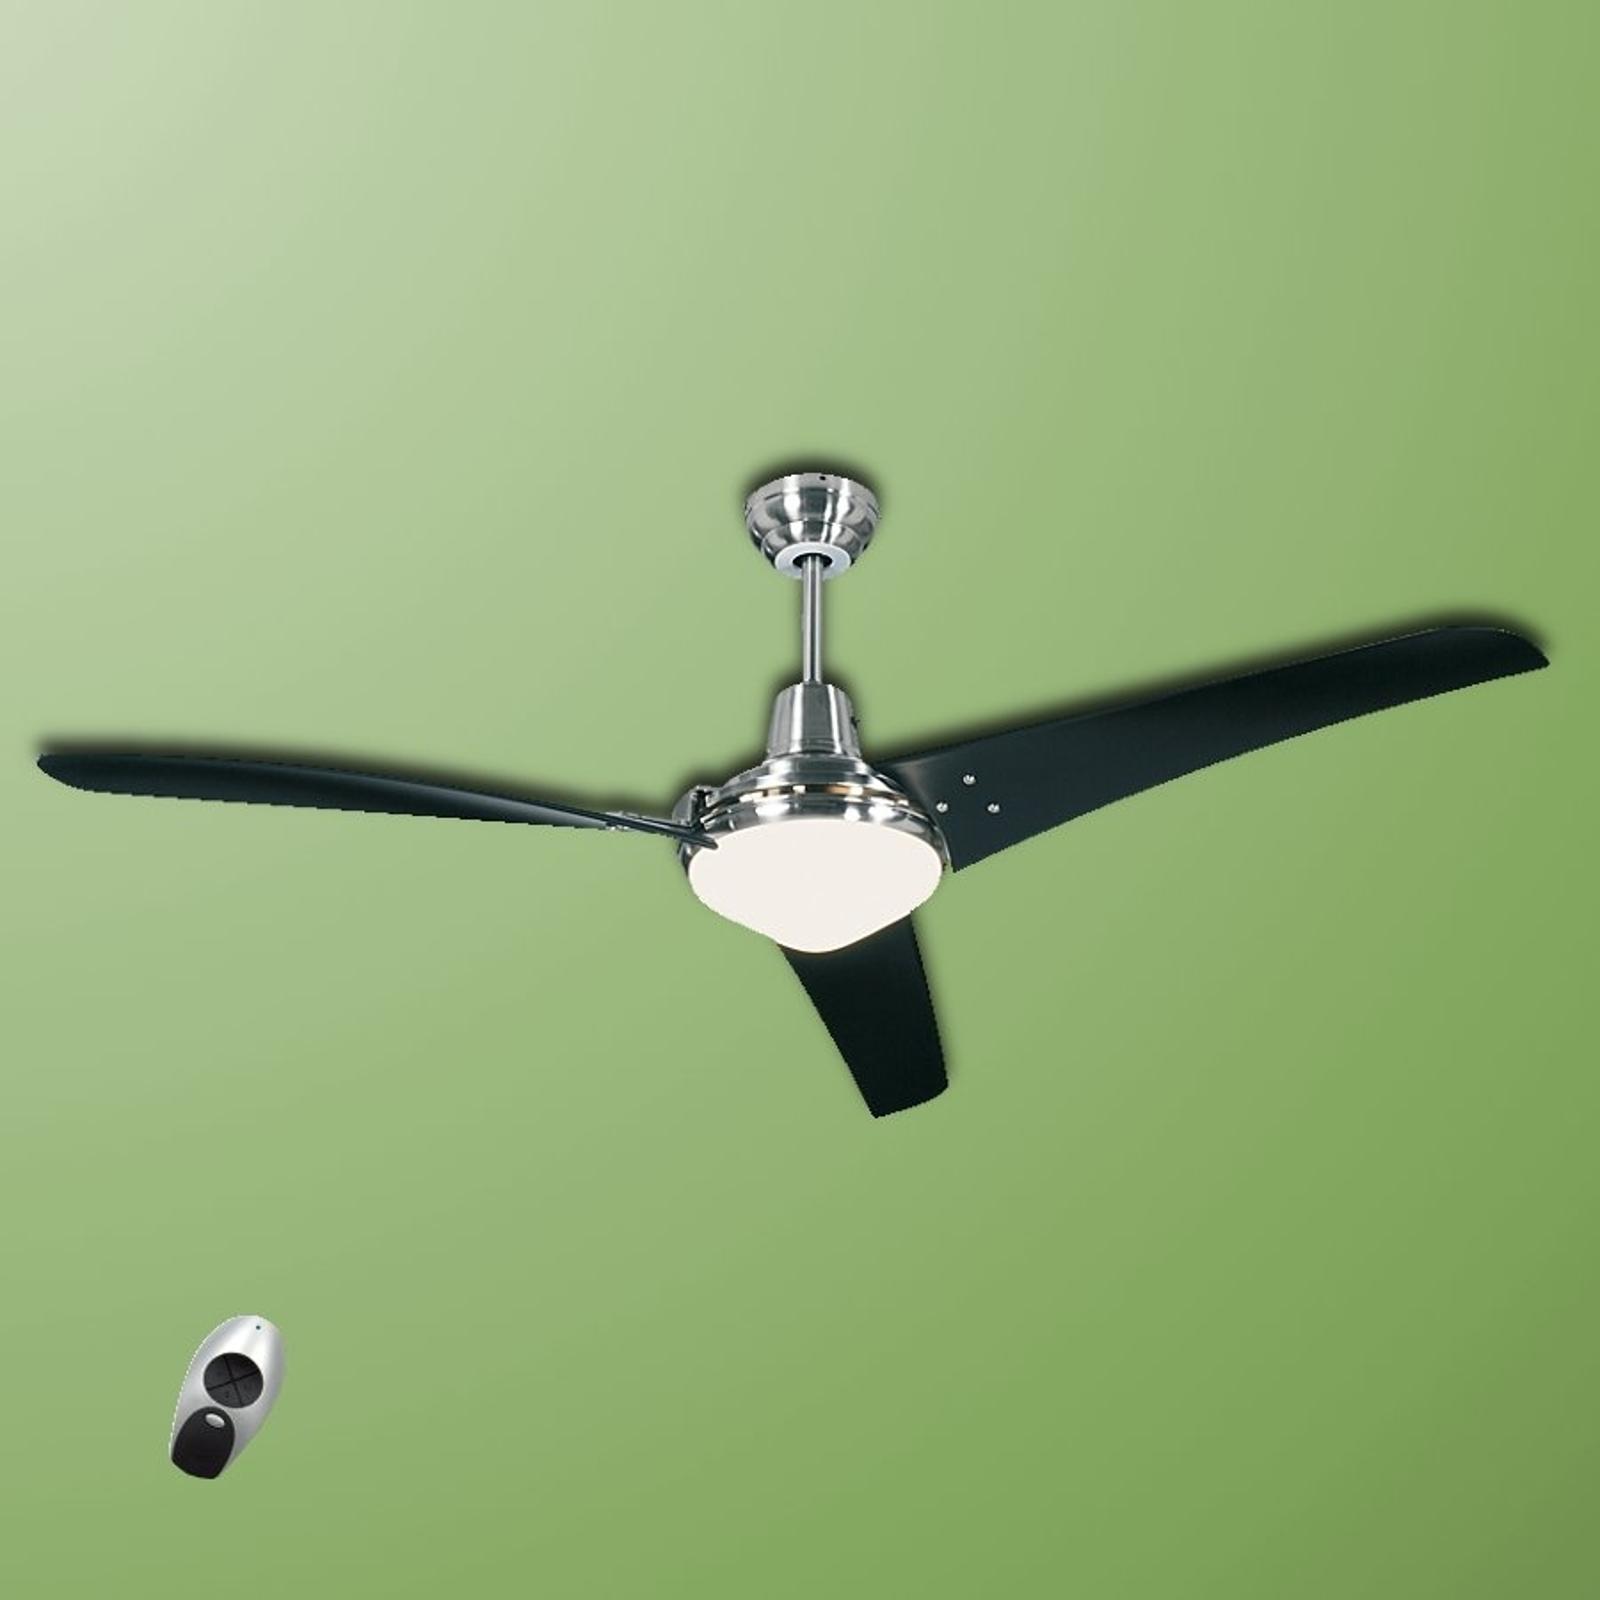 Nadčasový stropný ventilátor Mirage_2015009_1